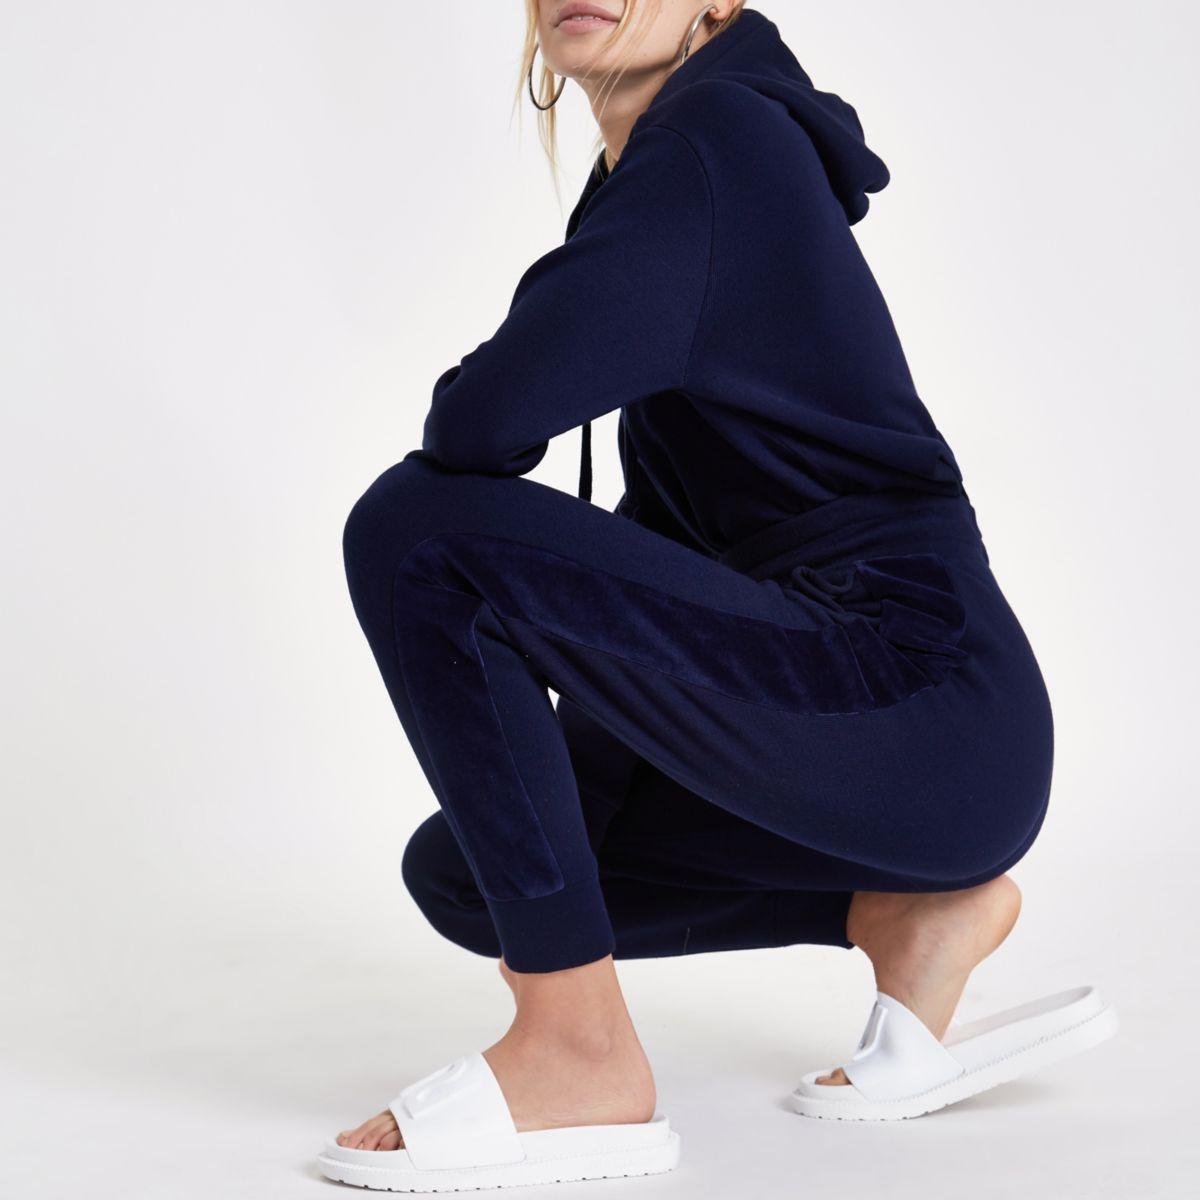 Marineblauwe ruimvallende joggingbroek